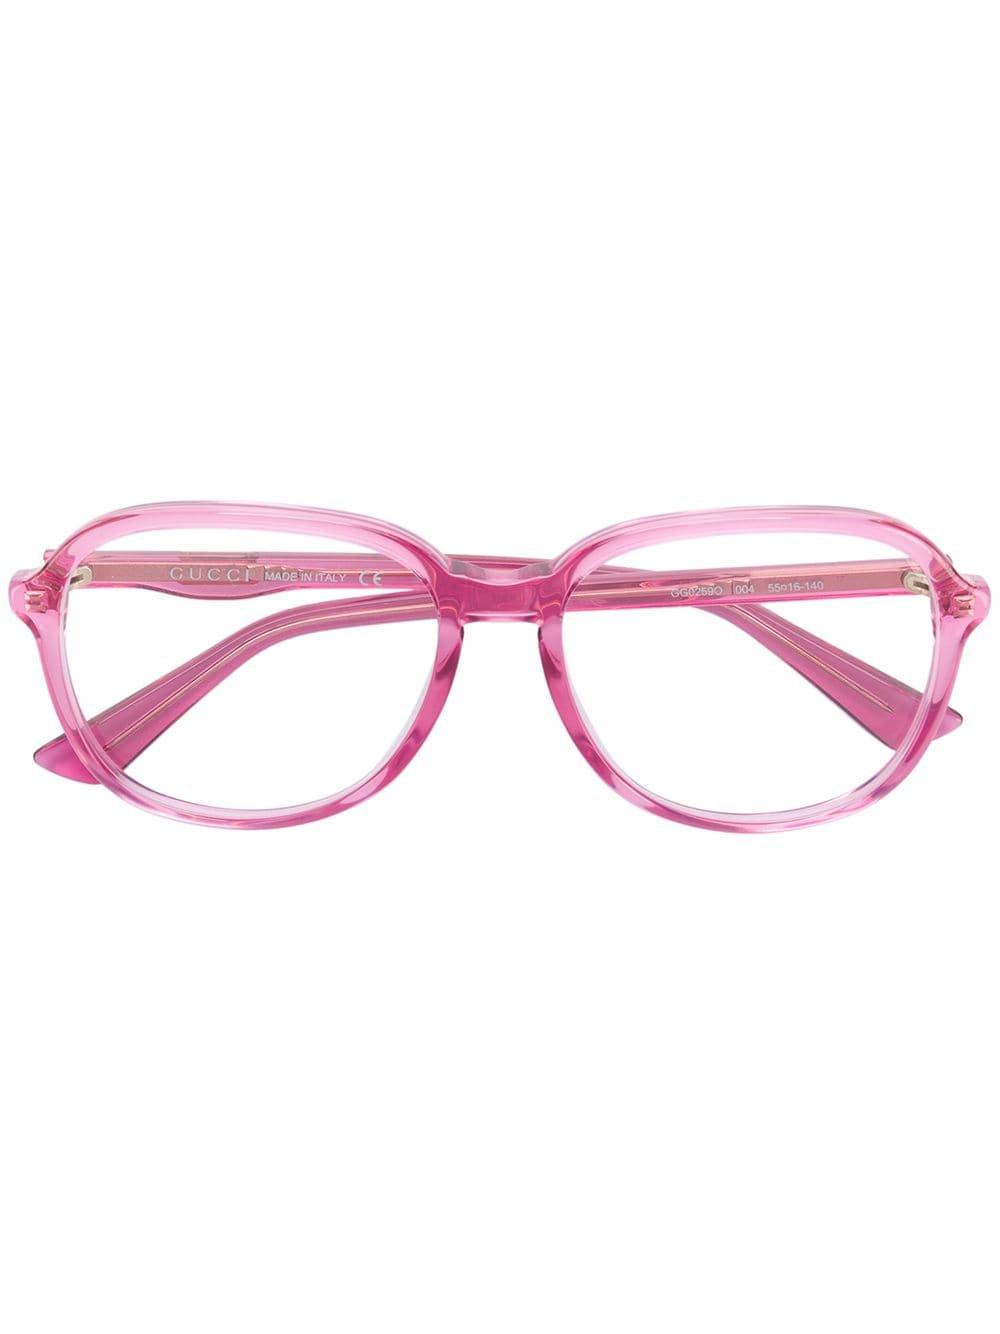 Gucci Eyewear Round Oversized Glasses